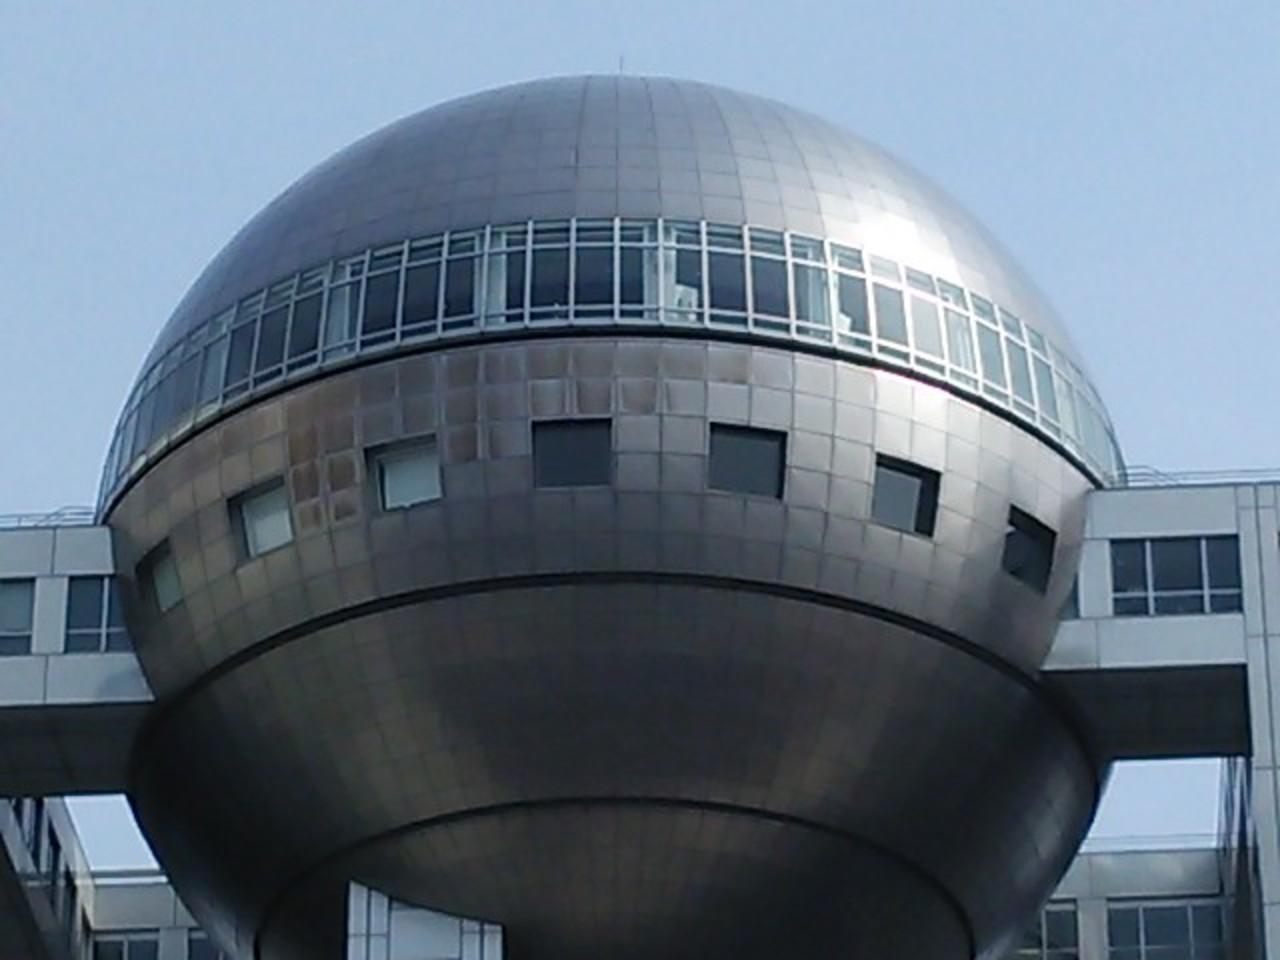 フジTV はちたま フジテレビ本社ビル球体展望室 「はちたま」 観光 クチコミガイド【フォートラ